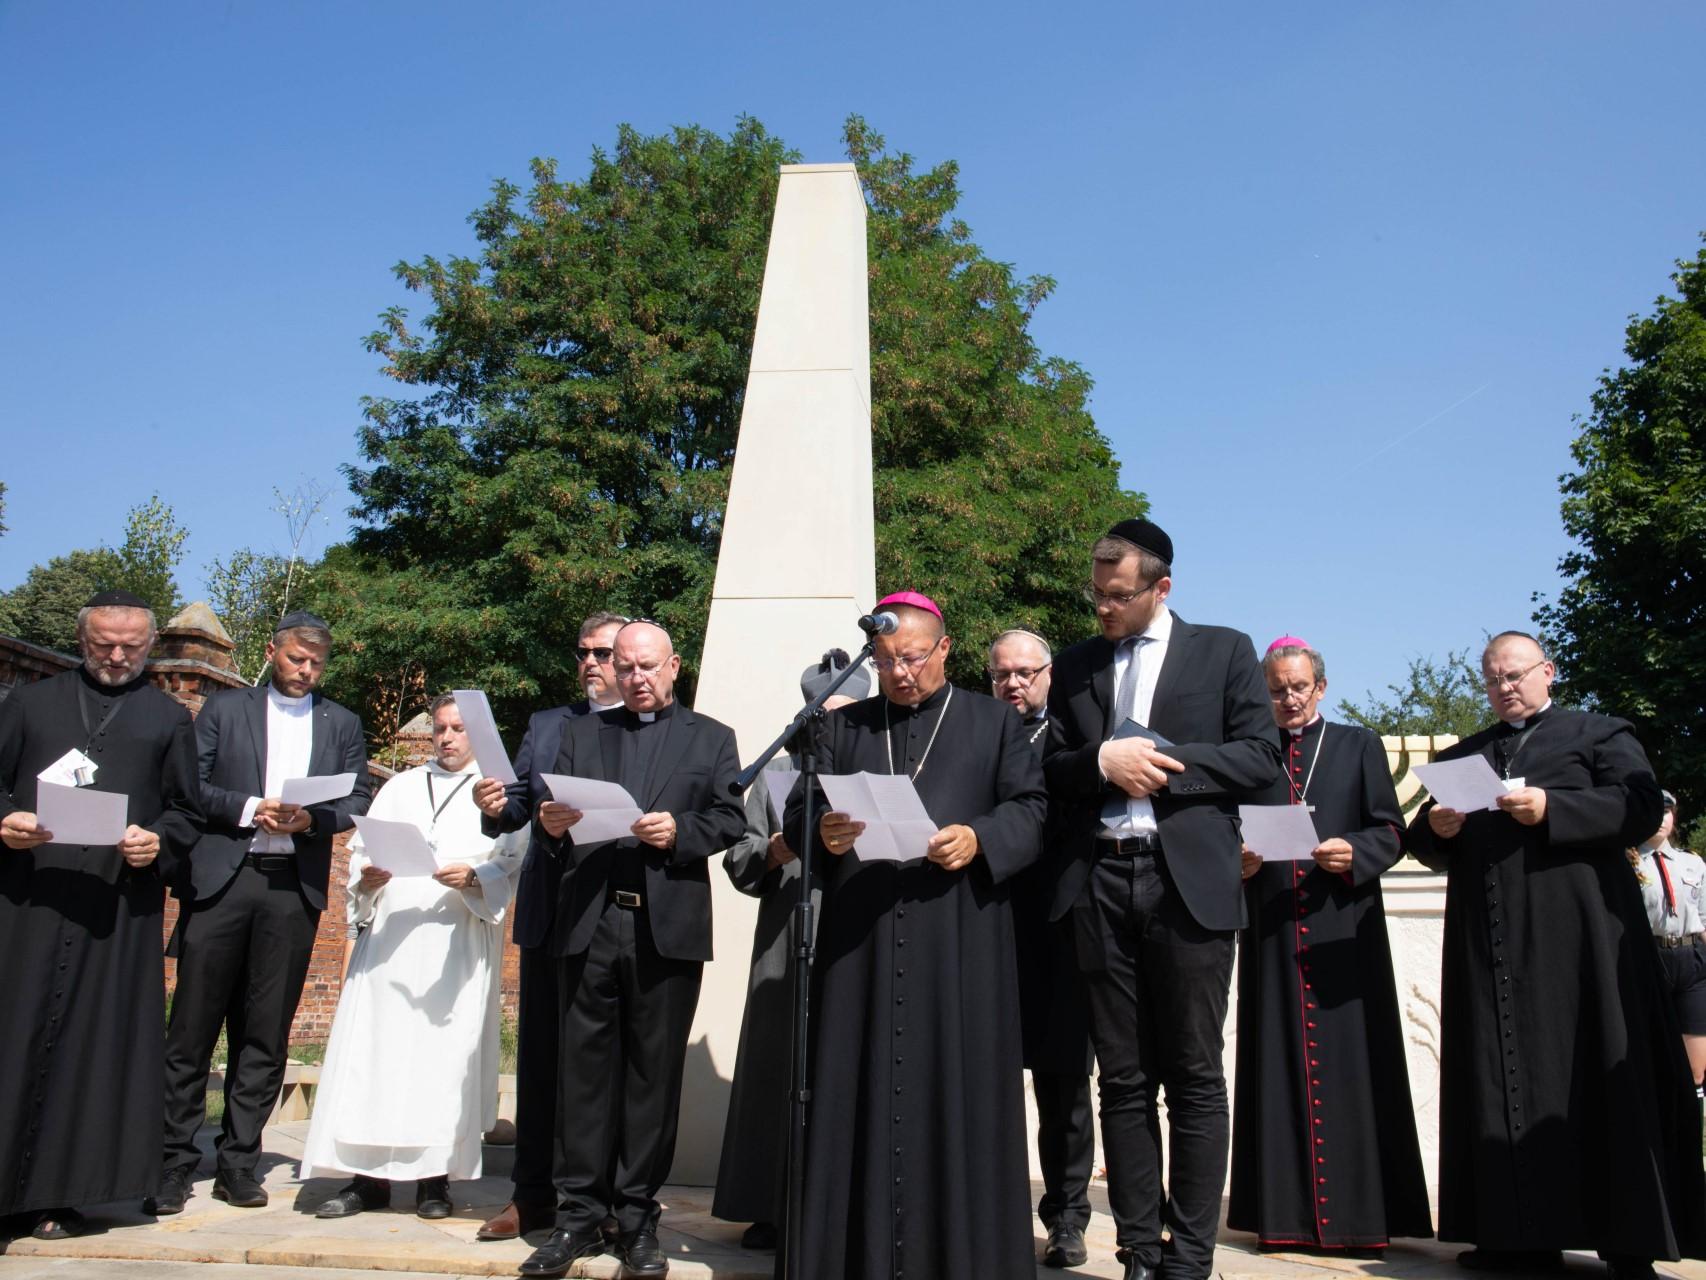 Obchody 75. rocznicy likwidacji getta w Łodzi